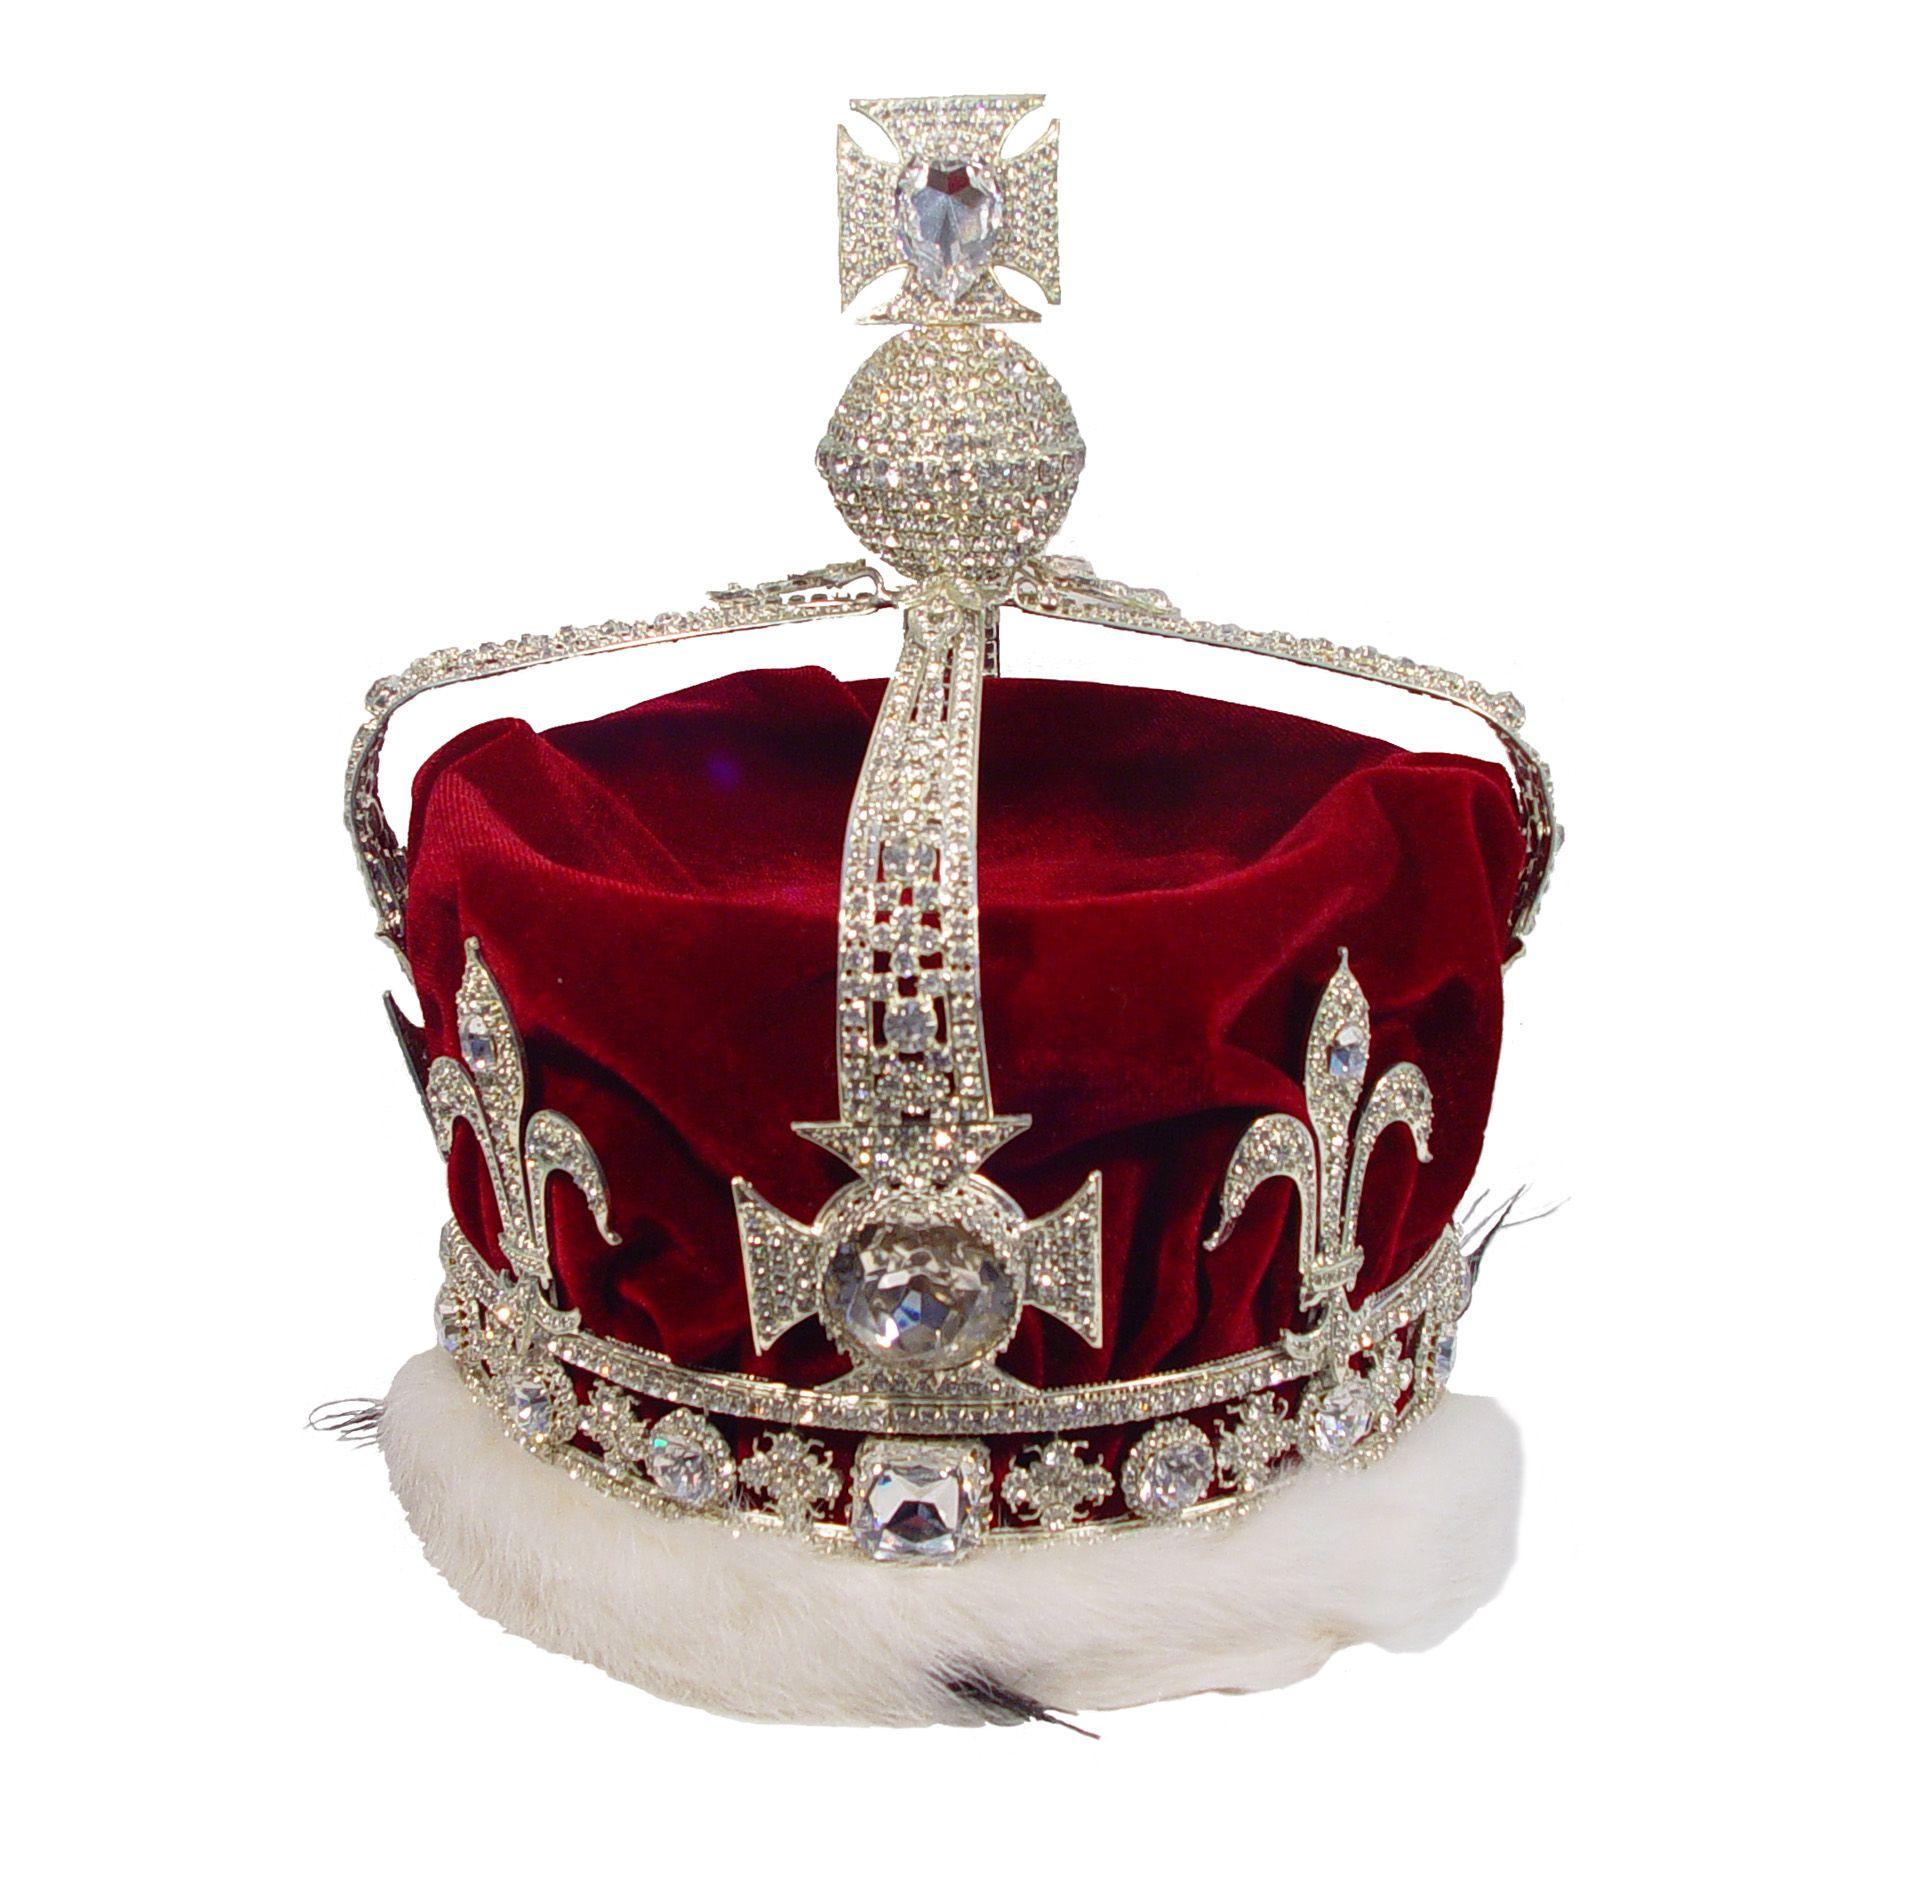 Crowns British crown jewels, Royal crown jewels, Royal